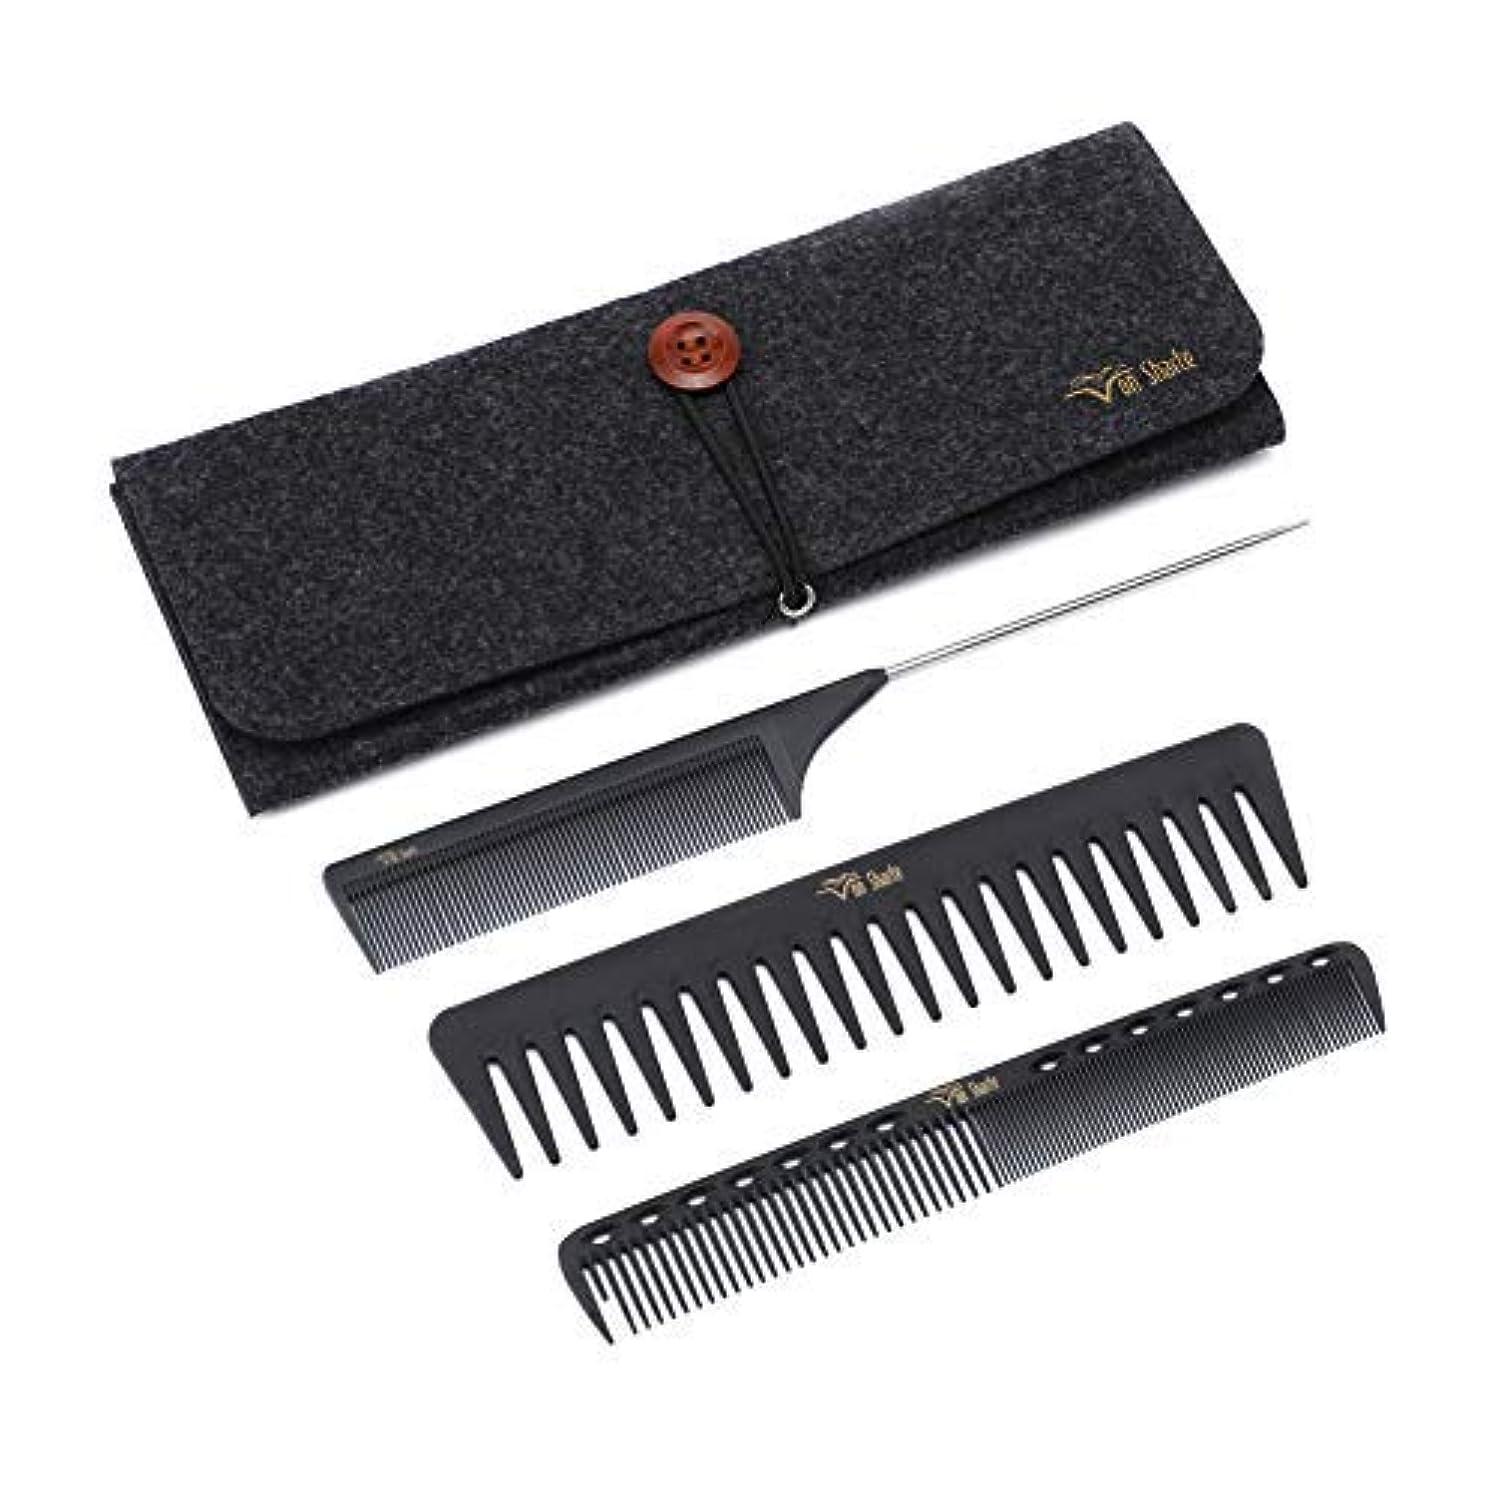 ピルファーアボート広大なStyling Comb Set,Hairdresser Barber Comb Cutting Hair Comb Carbon Fiber Wide Tooth Comb Metal Rat Pin Tail Comb...